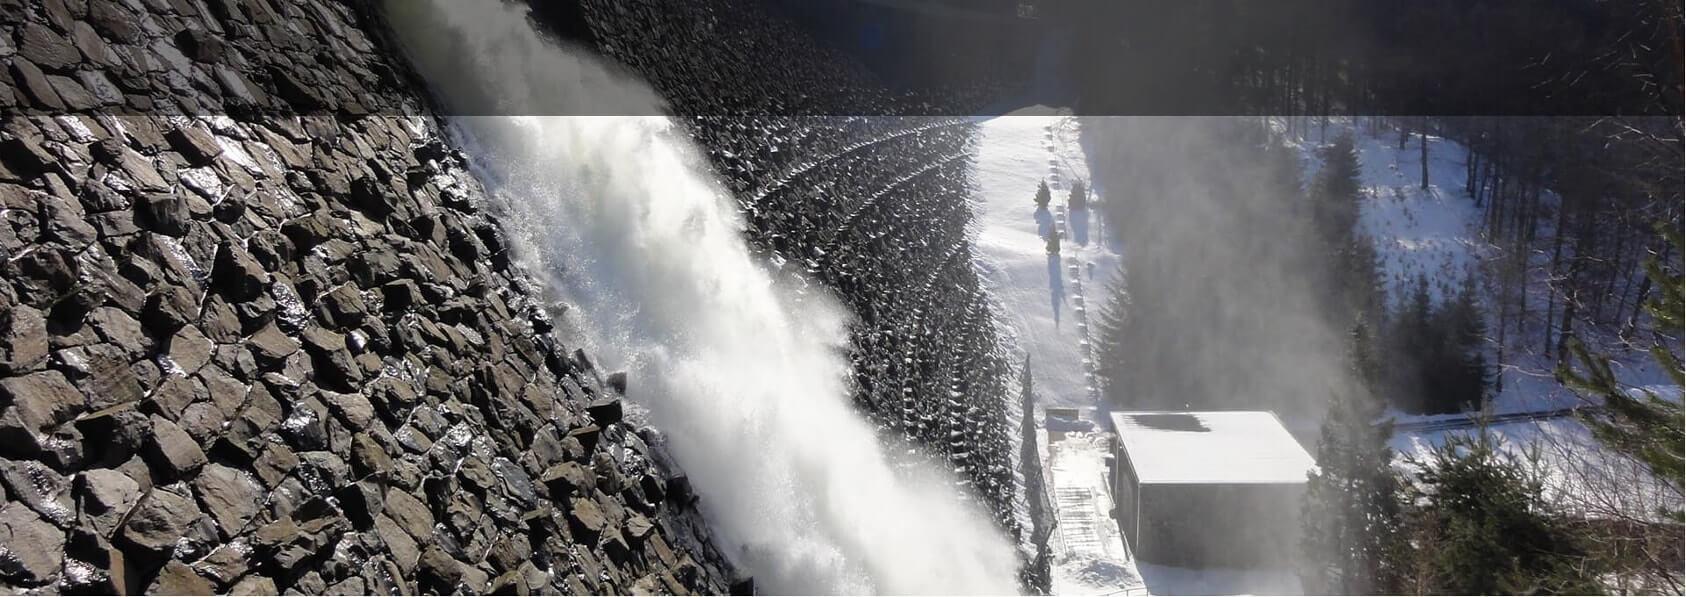 Spiekermann - Fachbereich Wasser